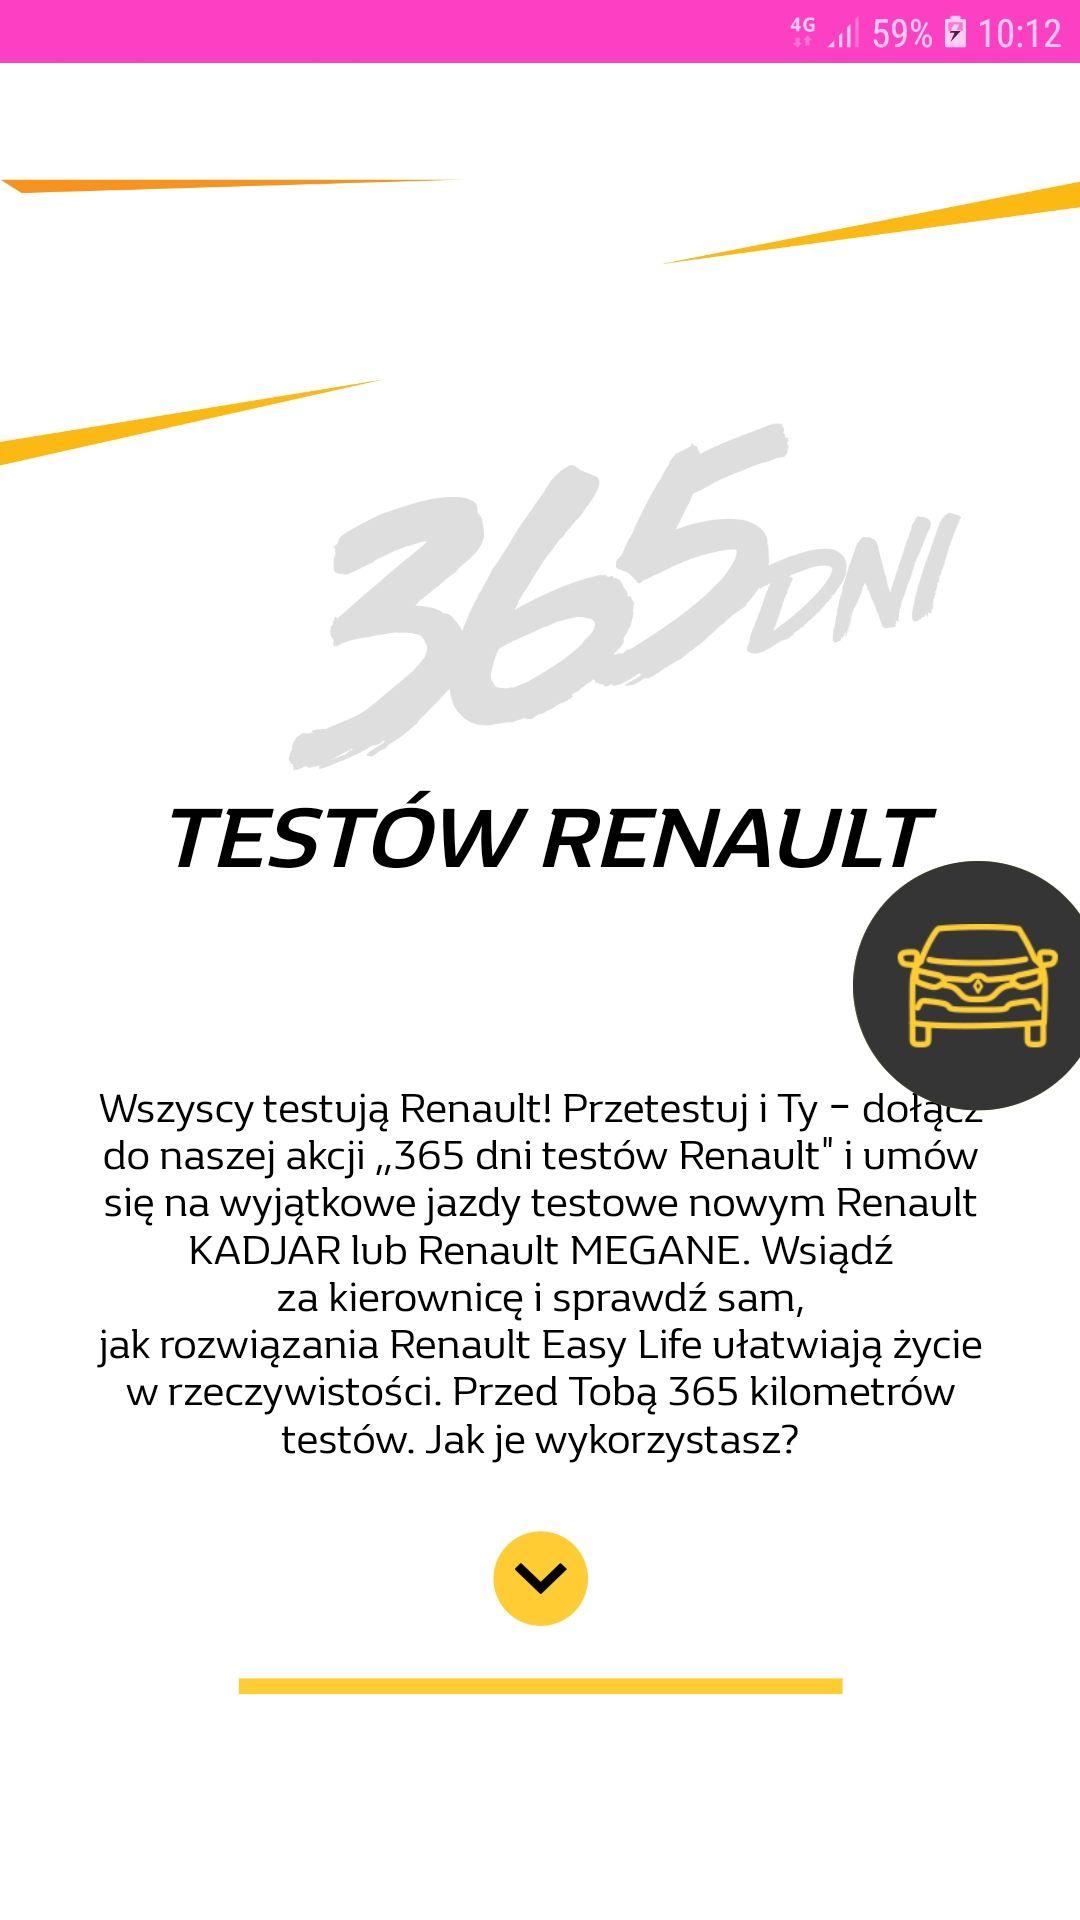 Test nowego samochodu marki Renault.